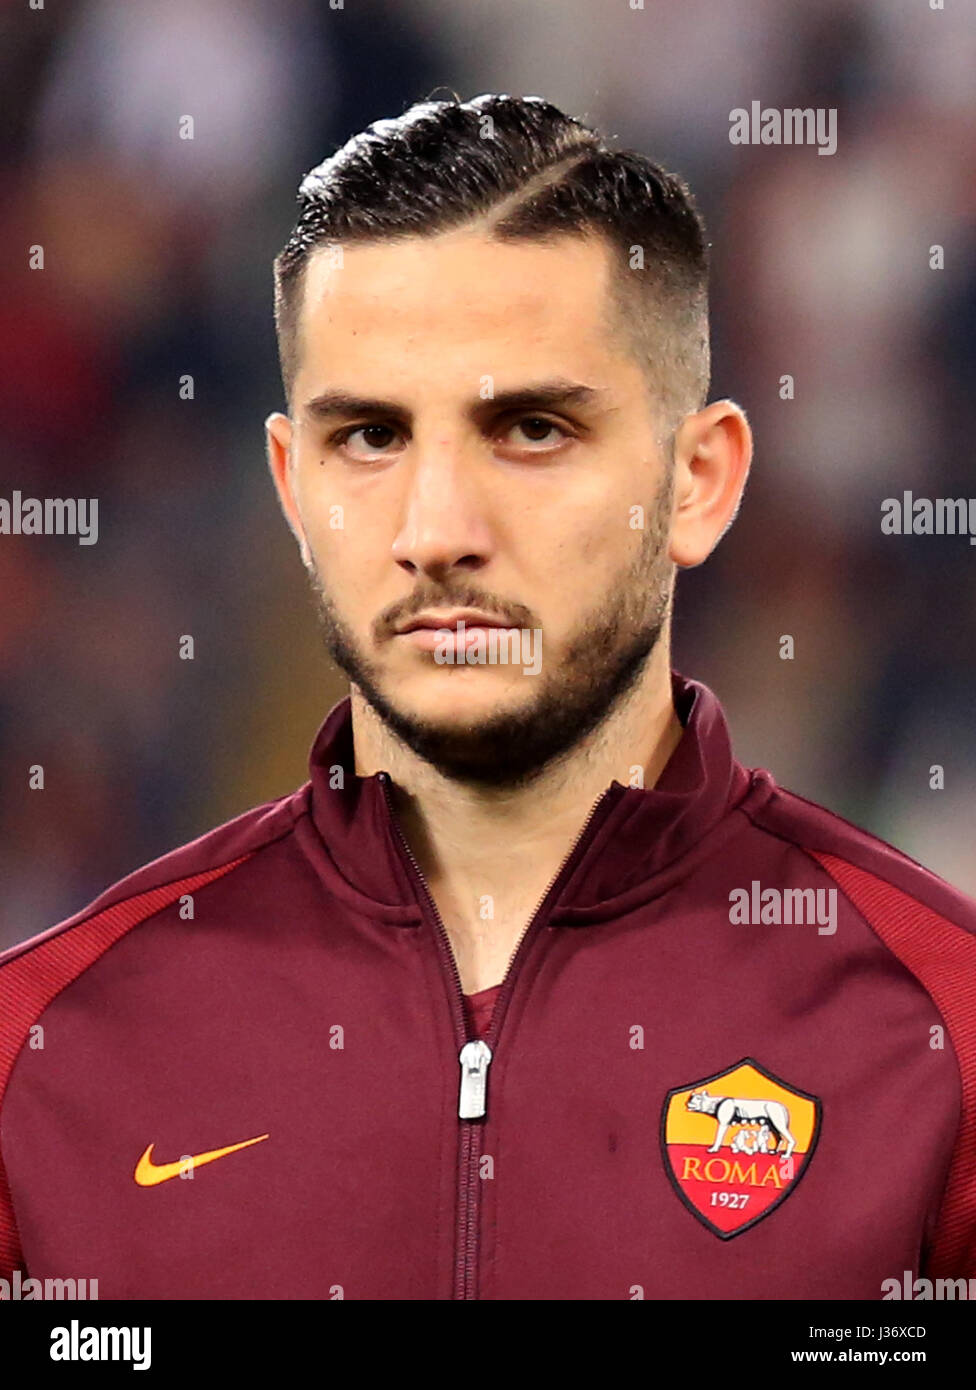 Turcos      - Página 4 Liga-italiana-serie-a-2016-2017-como-romanies-kostas-manolas-konstantinos-manolas-j36xcd